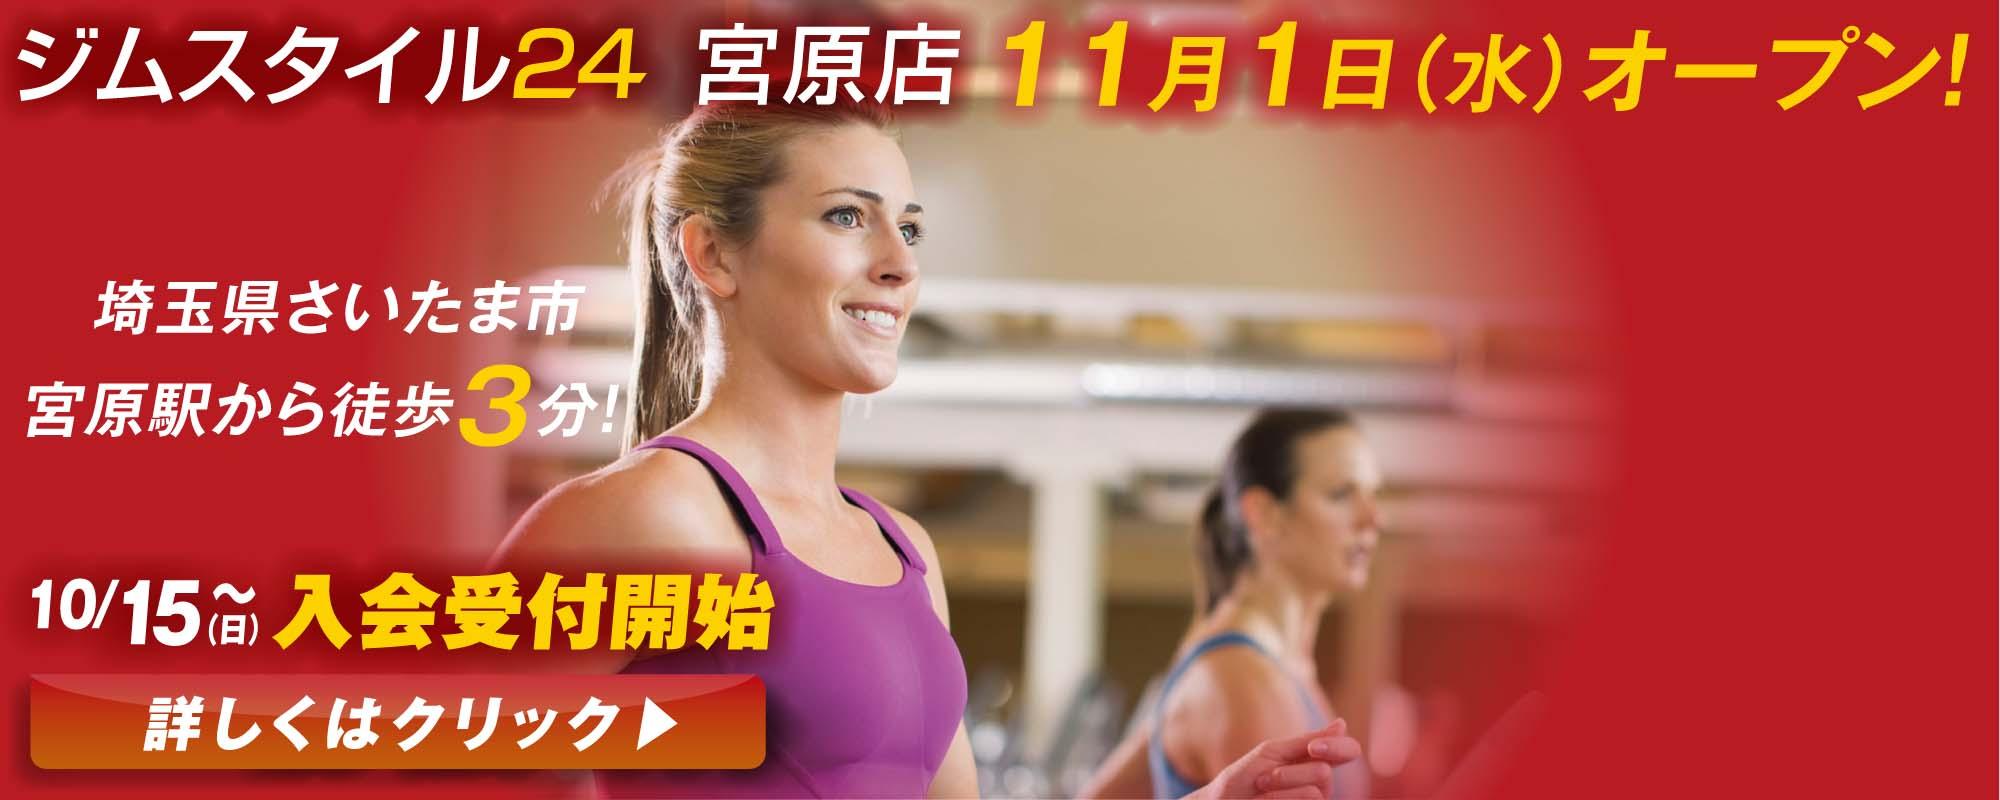 ジムスタイル24 宮原店 11月1日(水)オープン! 10月15日(日)入会受付開始